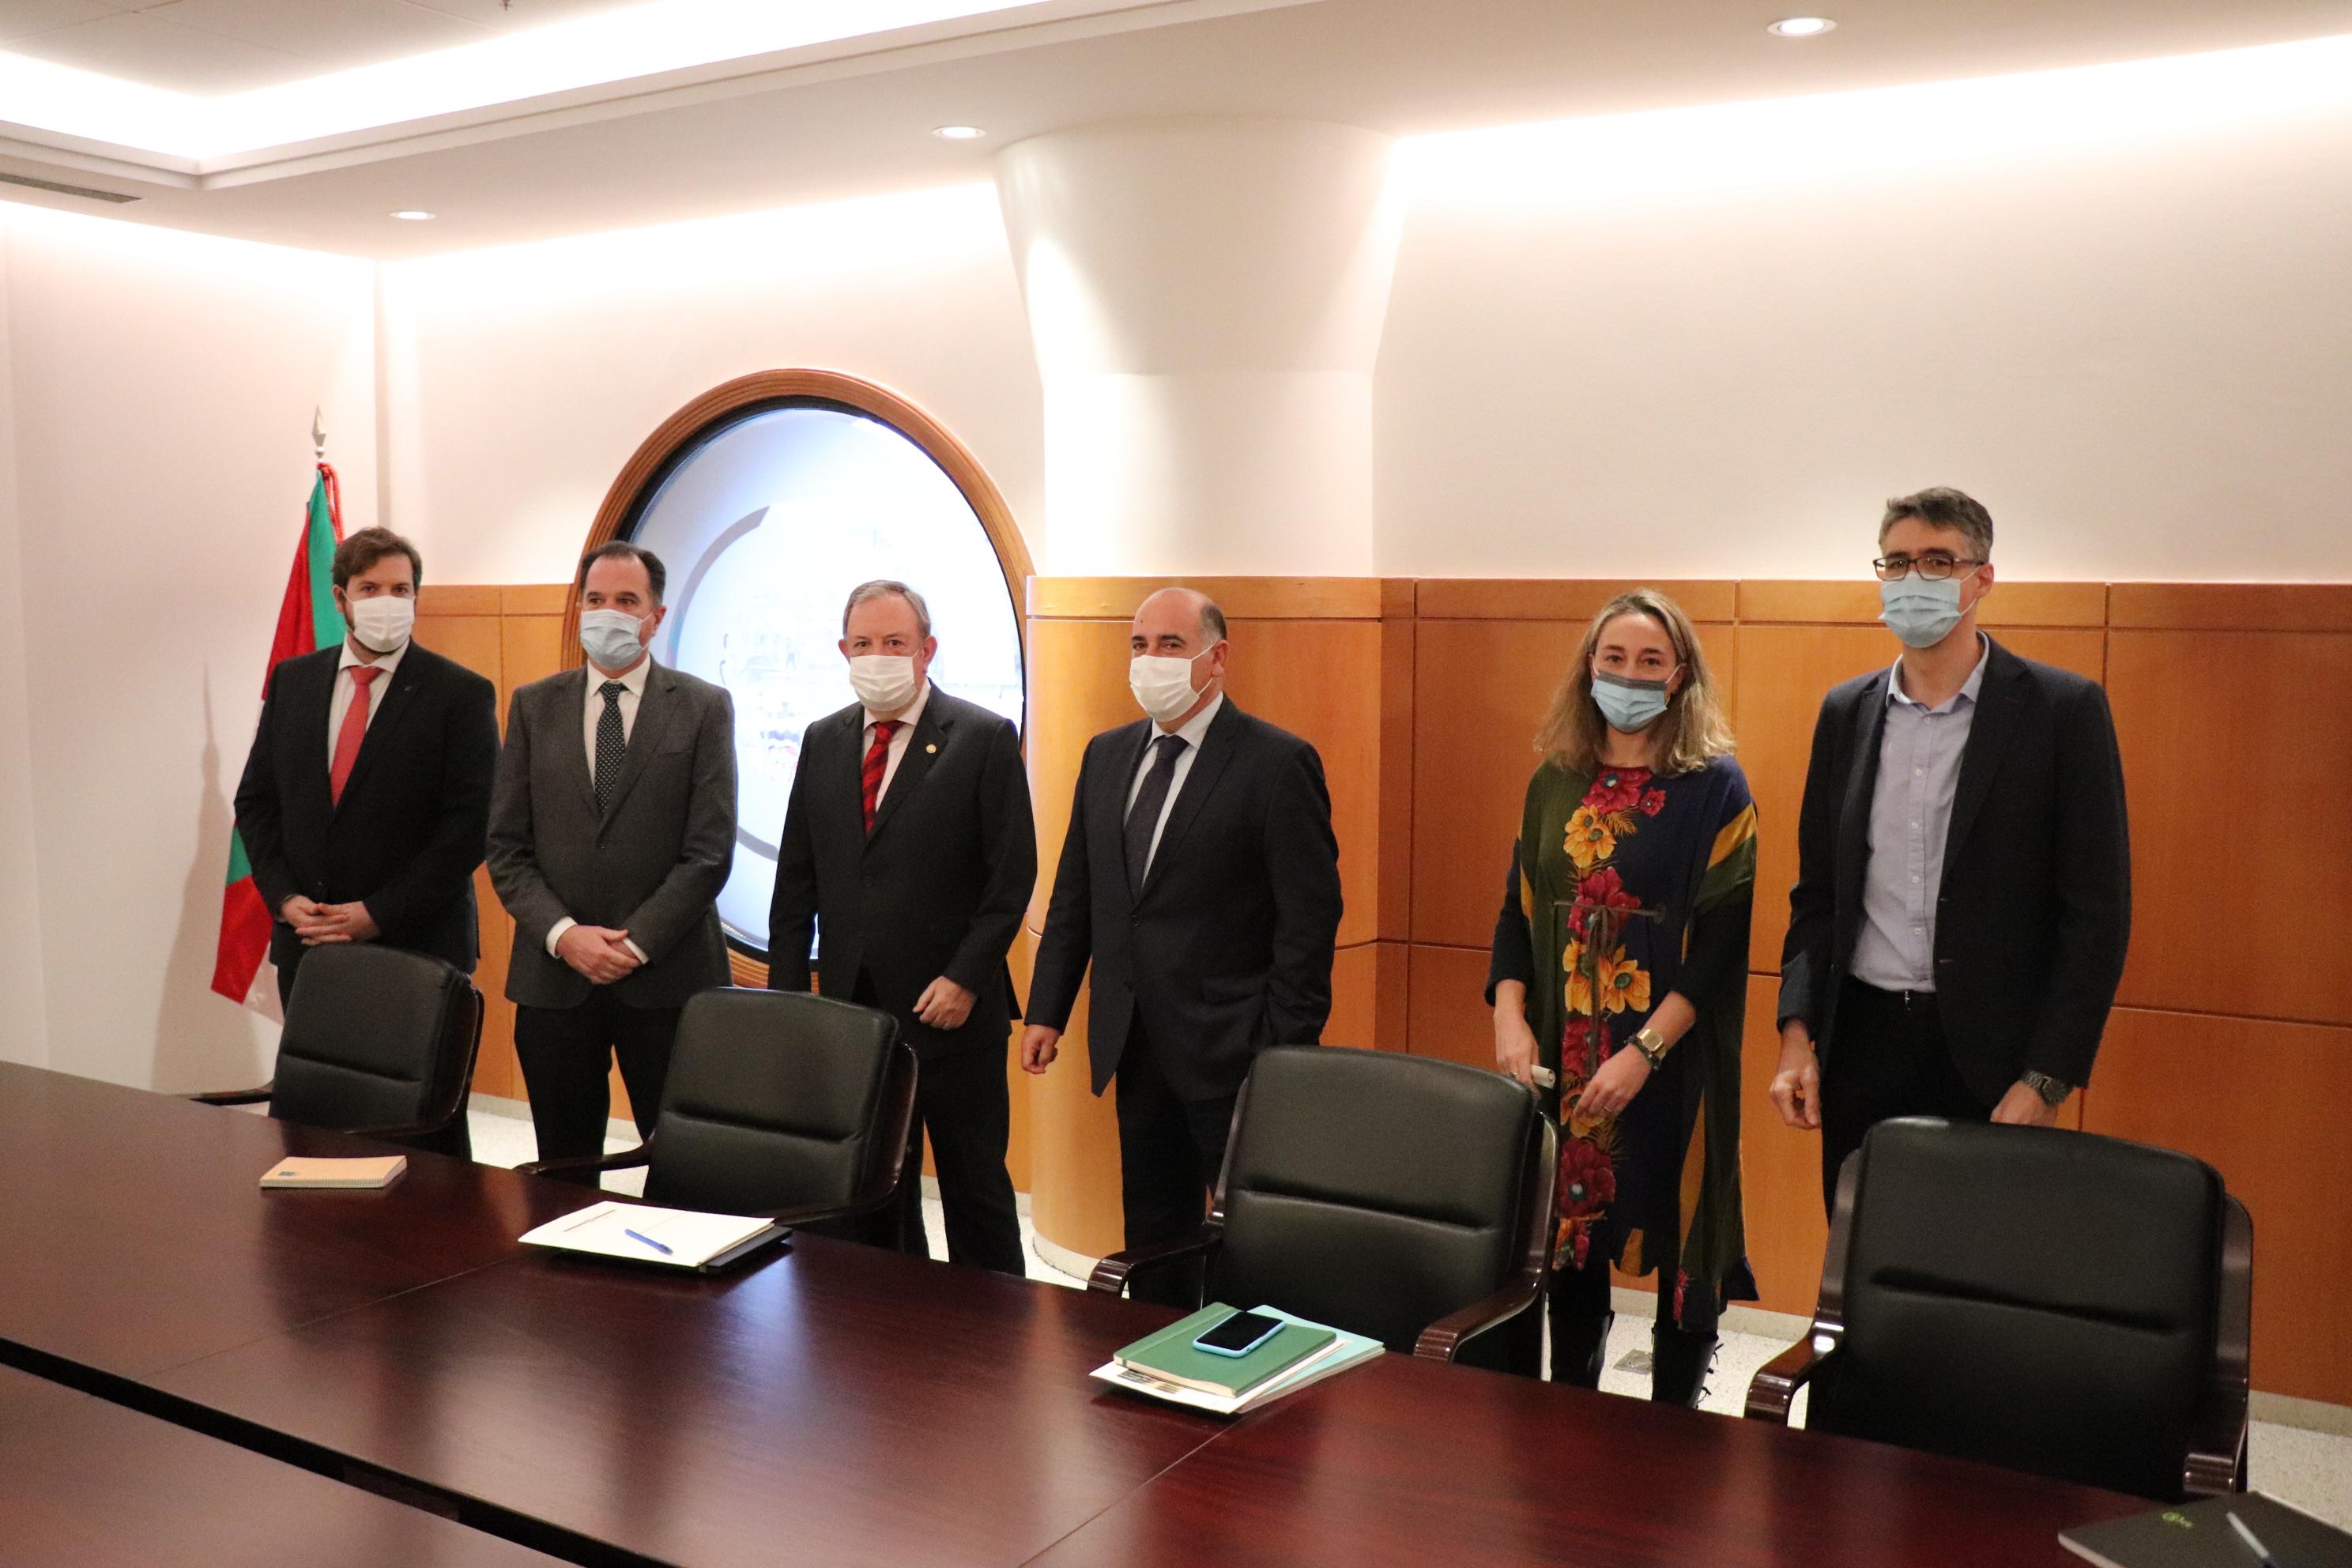 Reunión del Consejero de Economía y Hacienda, Pedro Azpiazu y su equipo con representantes del grupo parlamentario del PP-CS  sobre el Presupuesto de la CAV de 2021 [1:43]